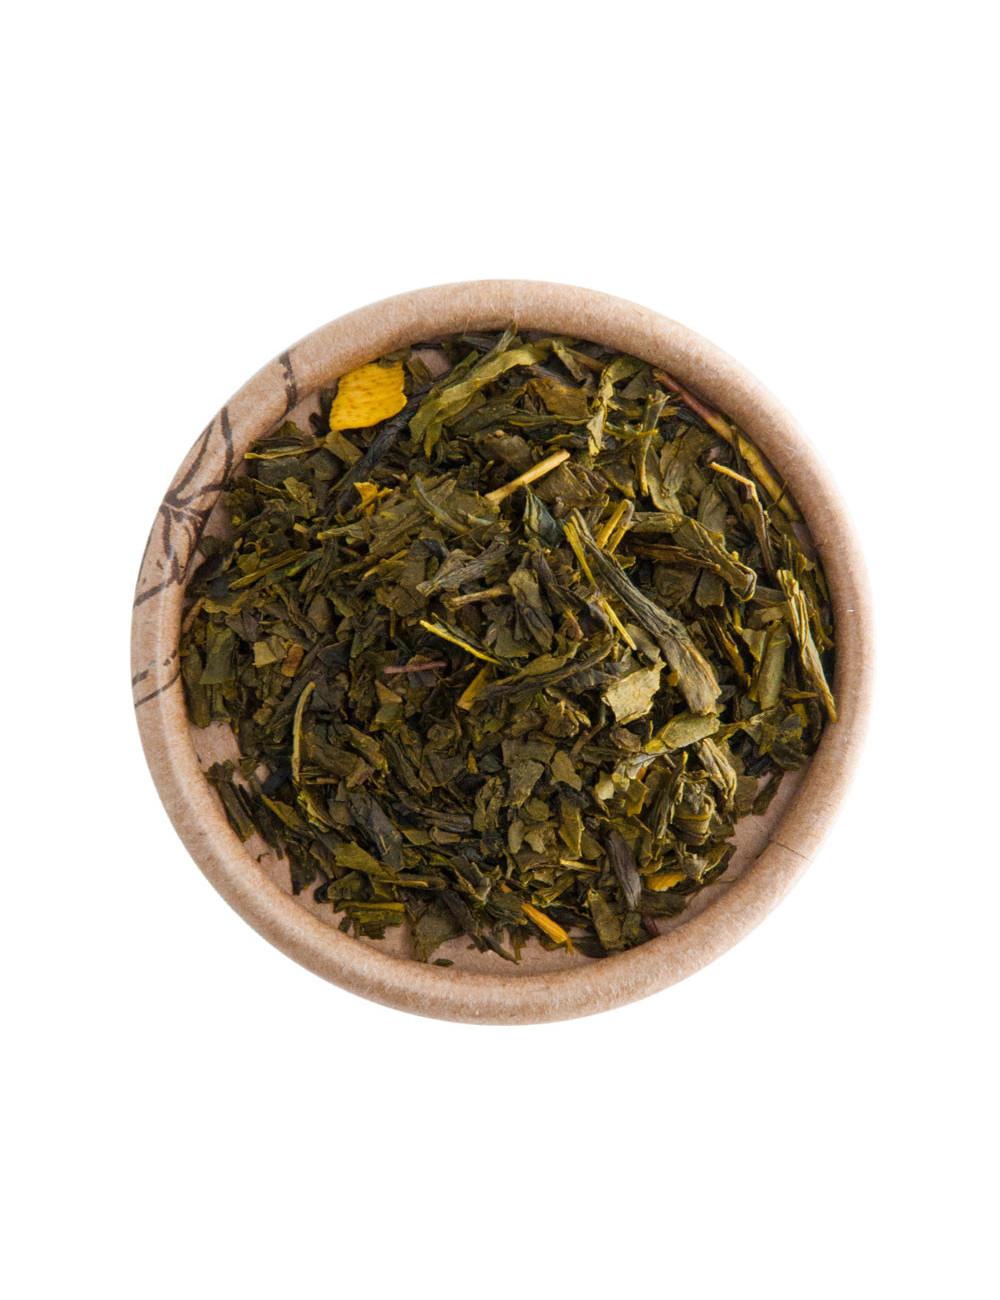 Arancia BIO tè verde aromatizzato - La Pianta del Tè shop online